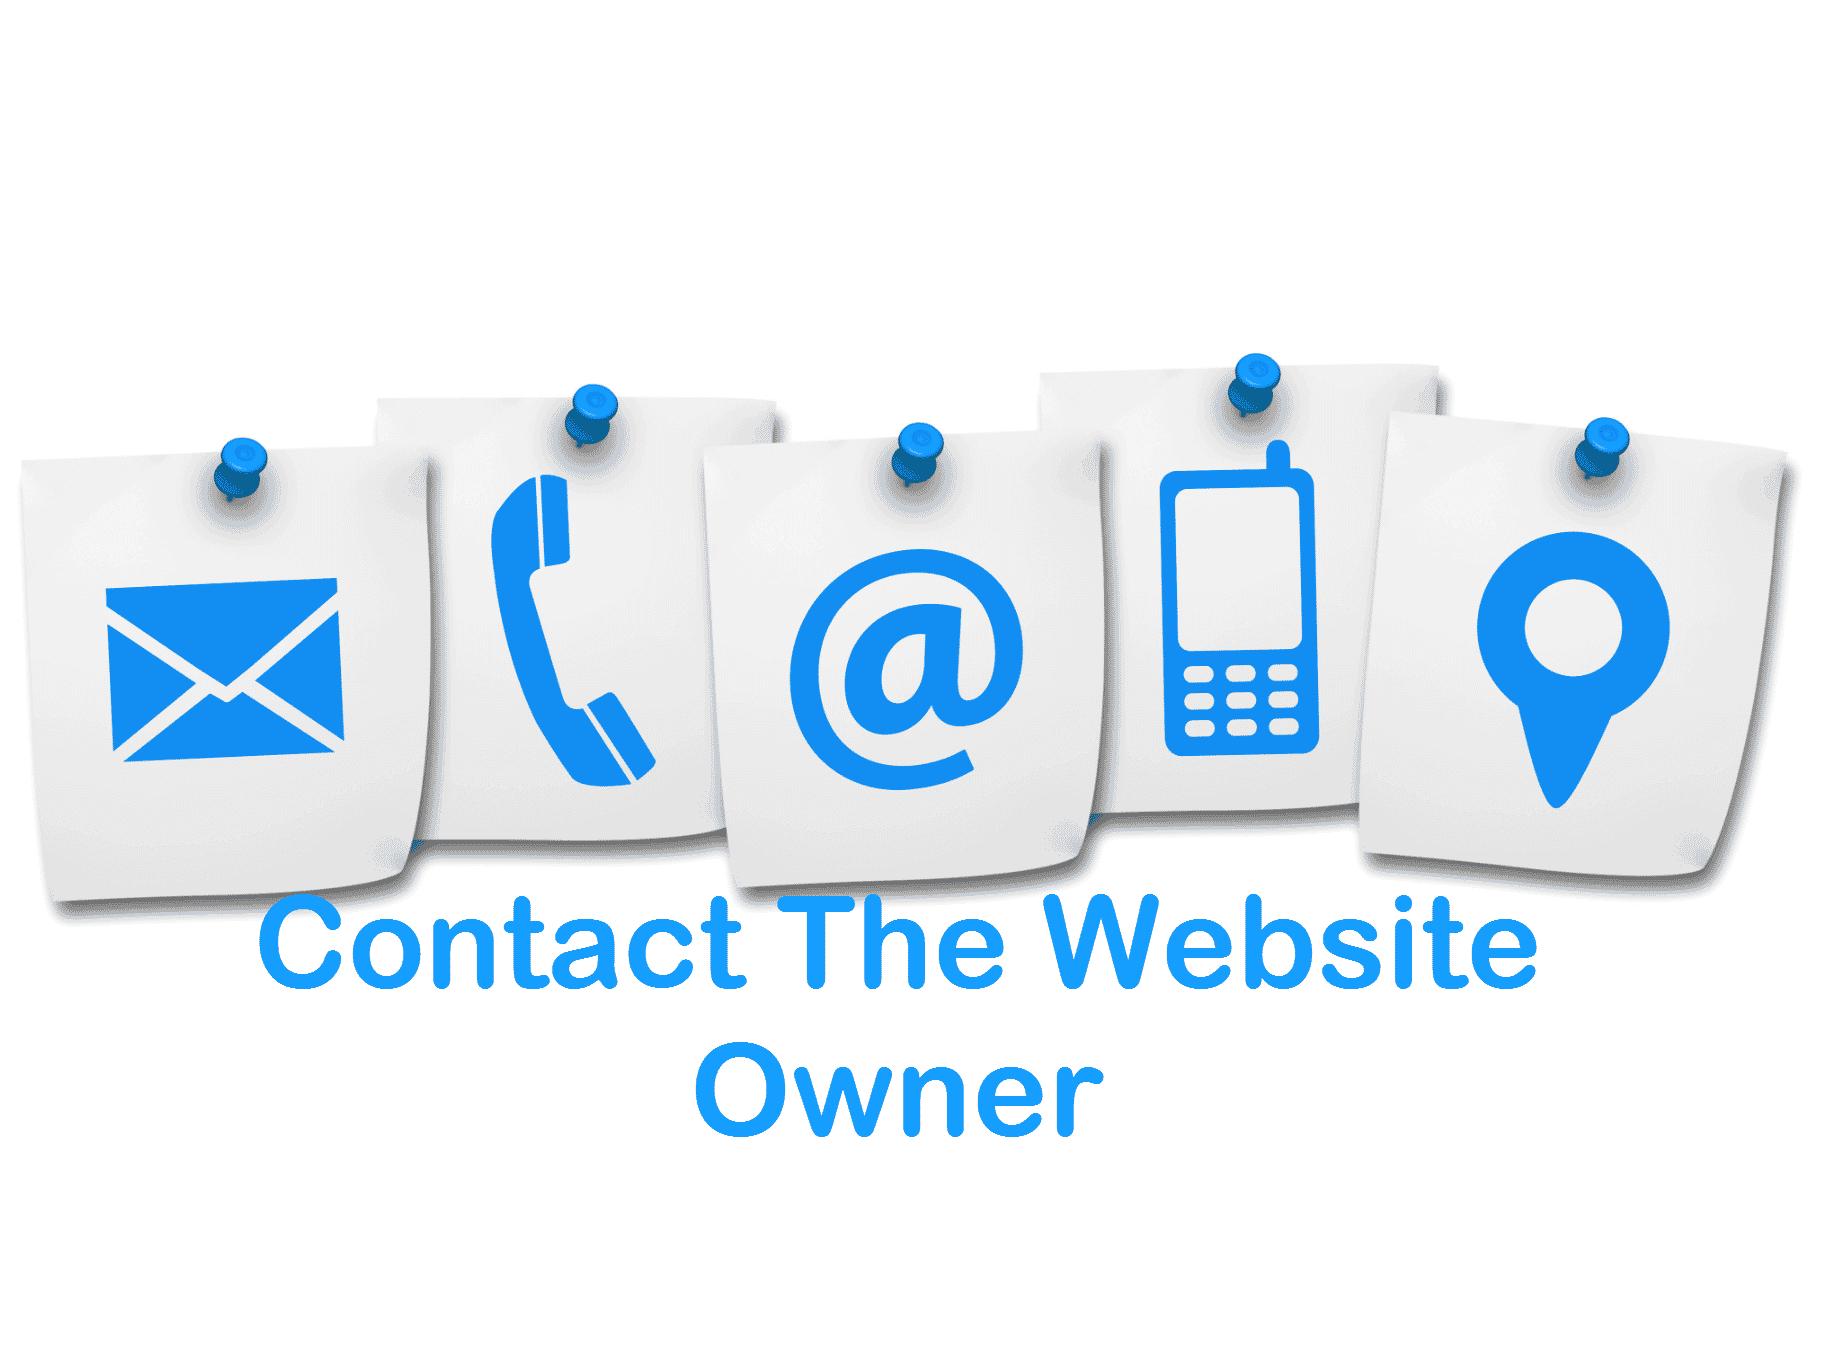 Website Owner Email Address